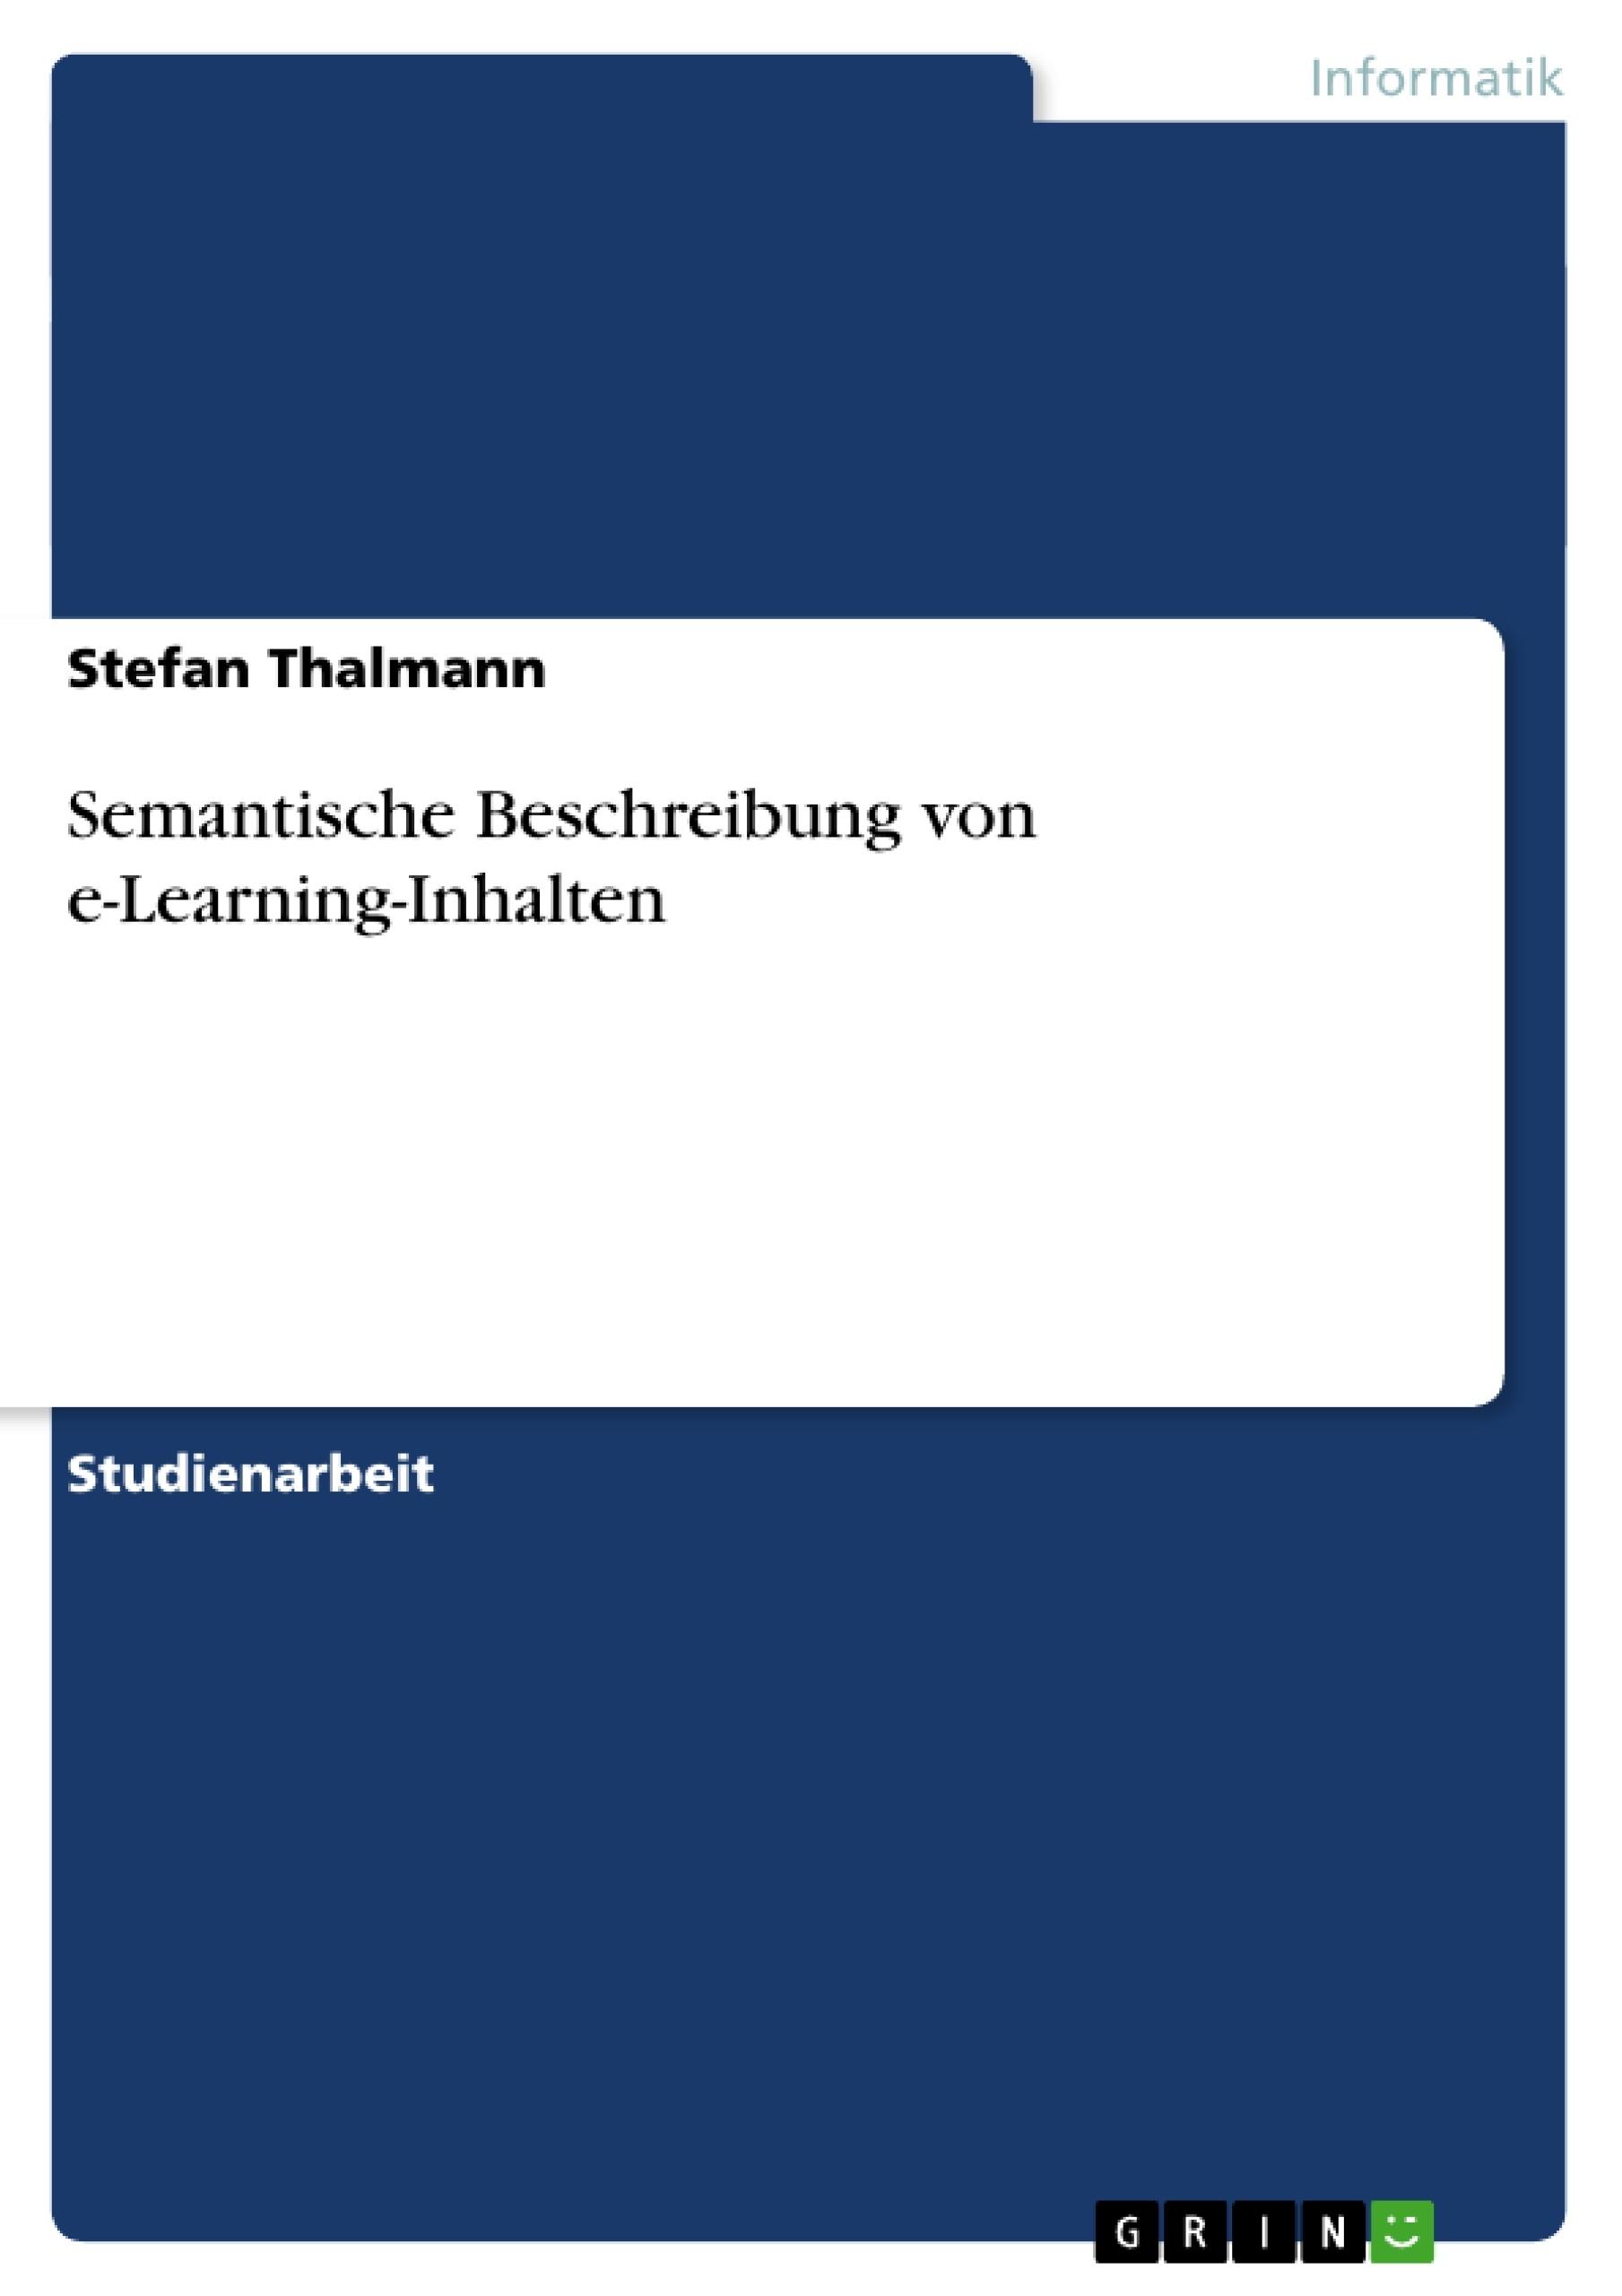 Titel: Semantische Beschreibung von e-Learning-Inhalten